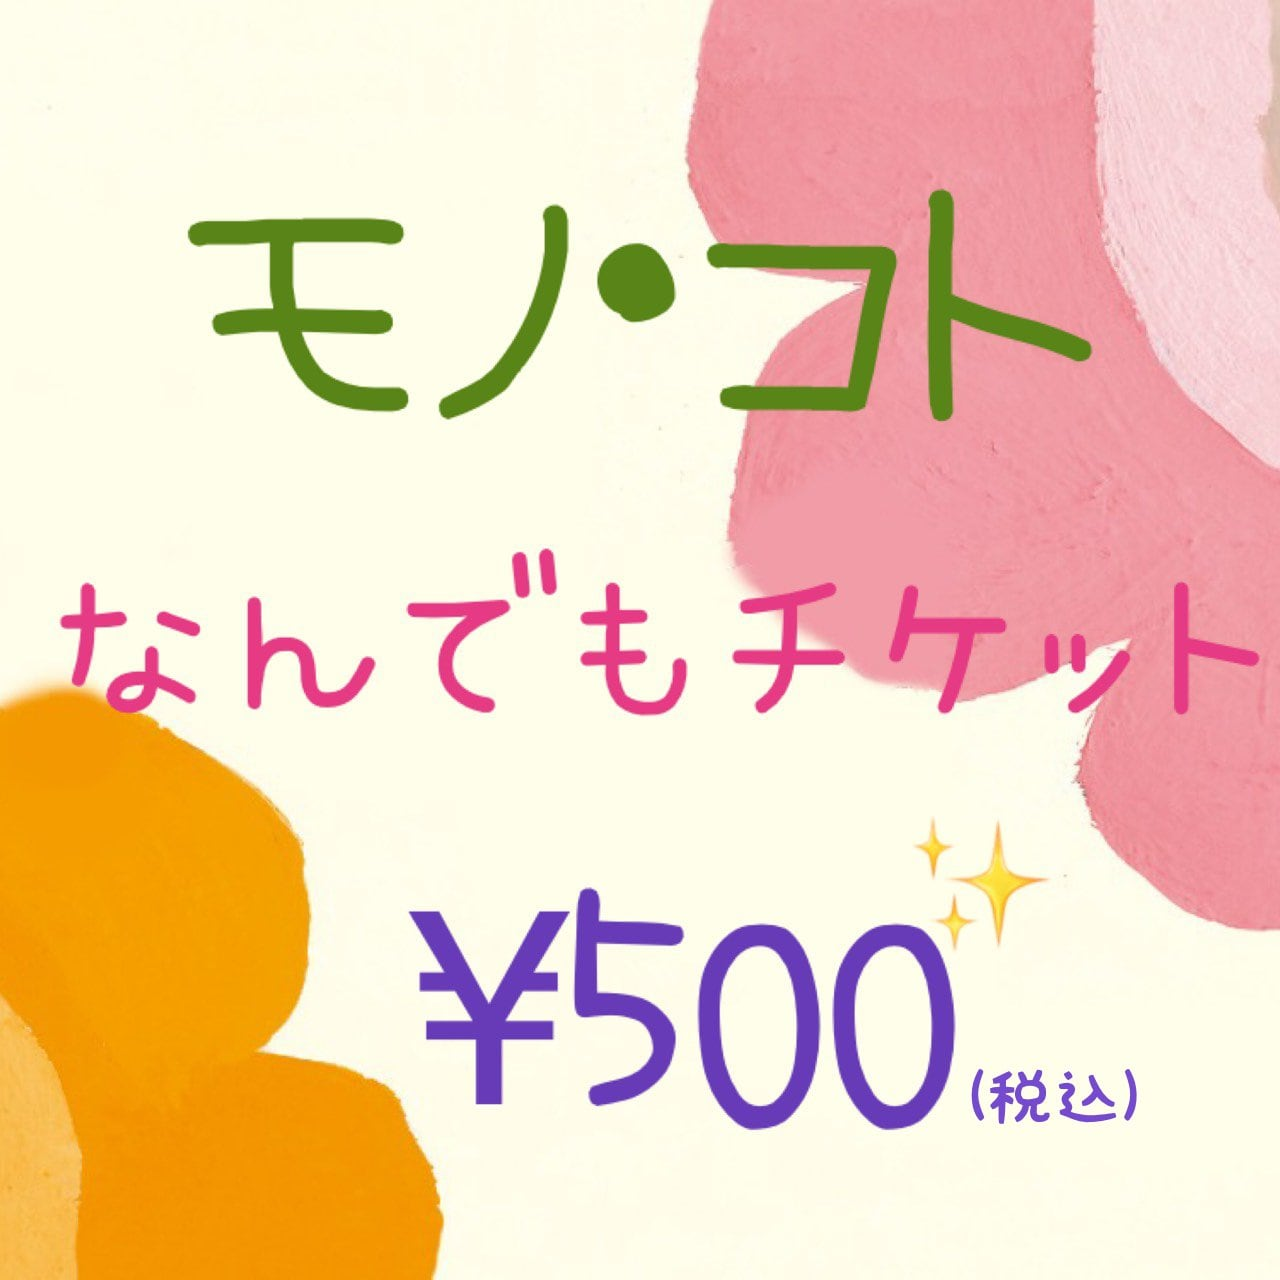 ¥500 チケット 花暖/hanadan♪のイメージその1